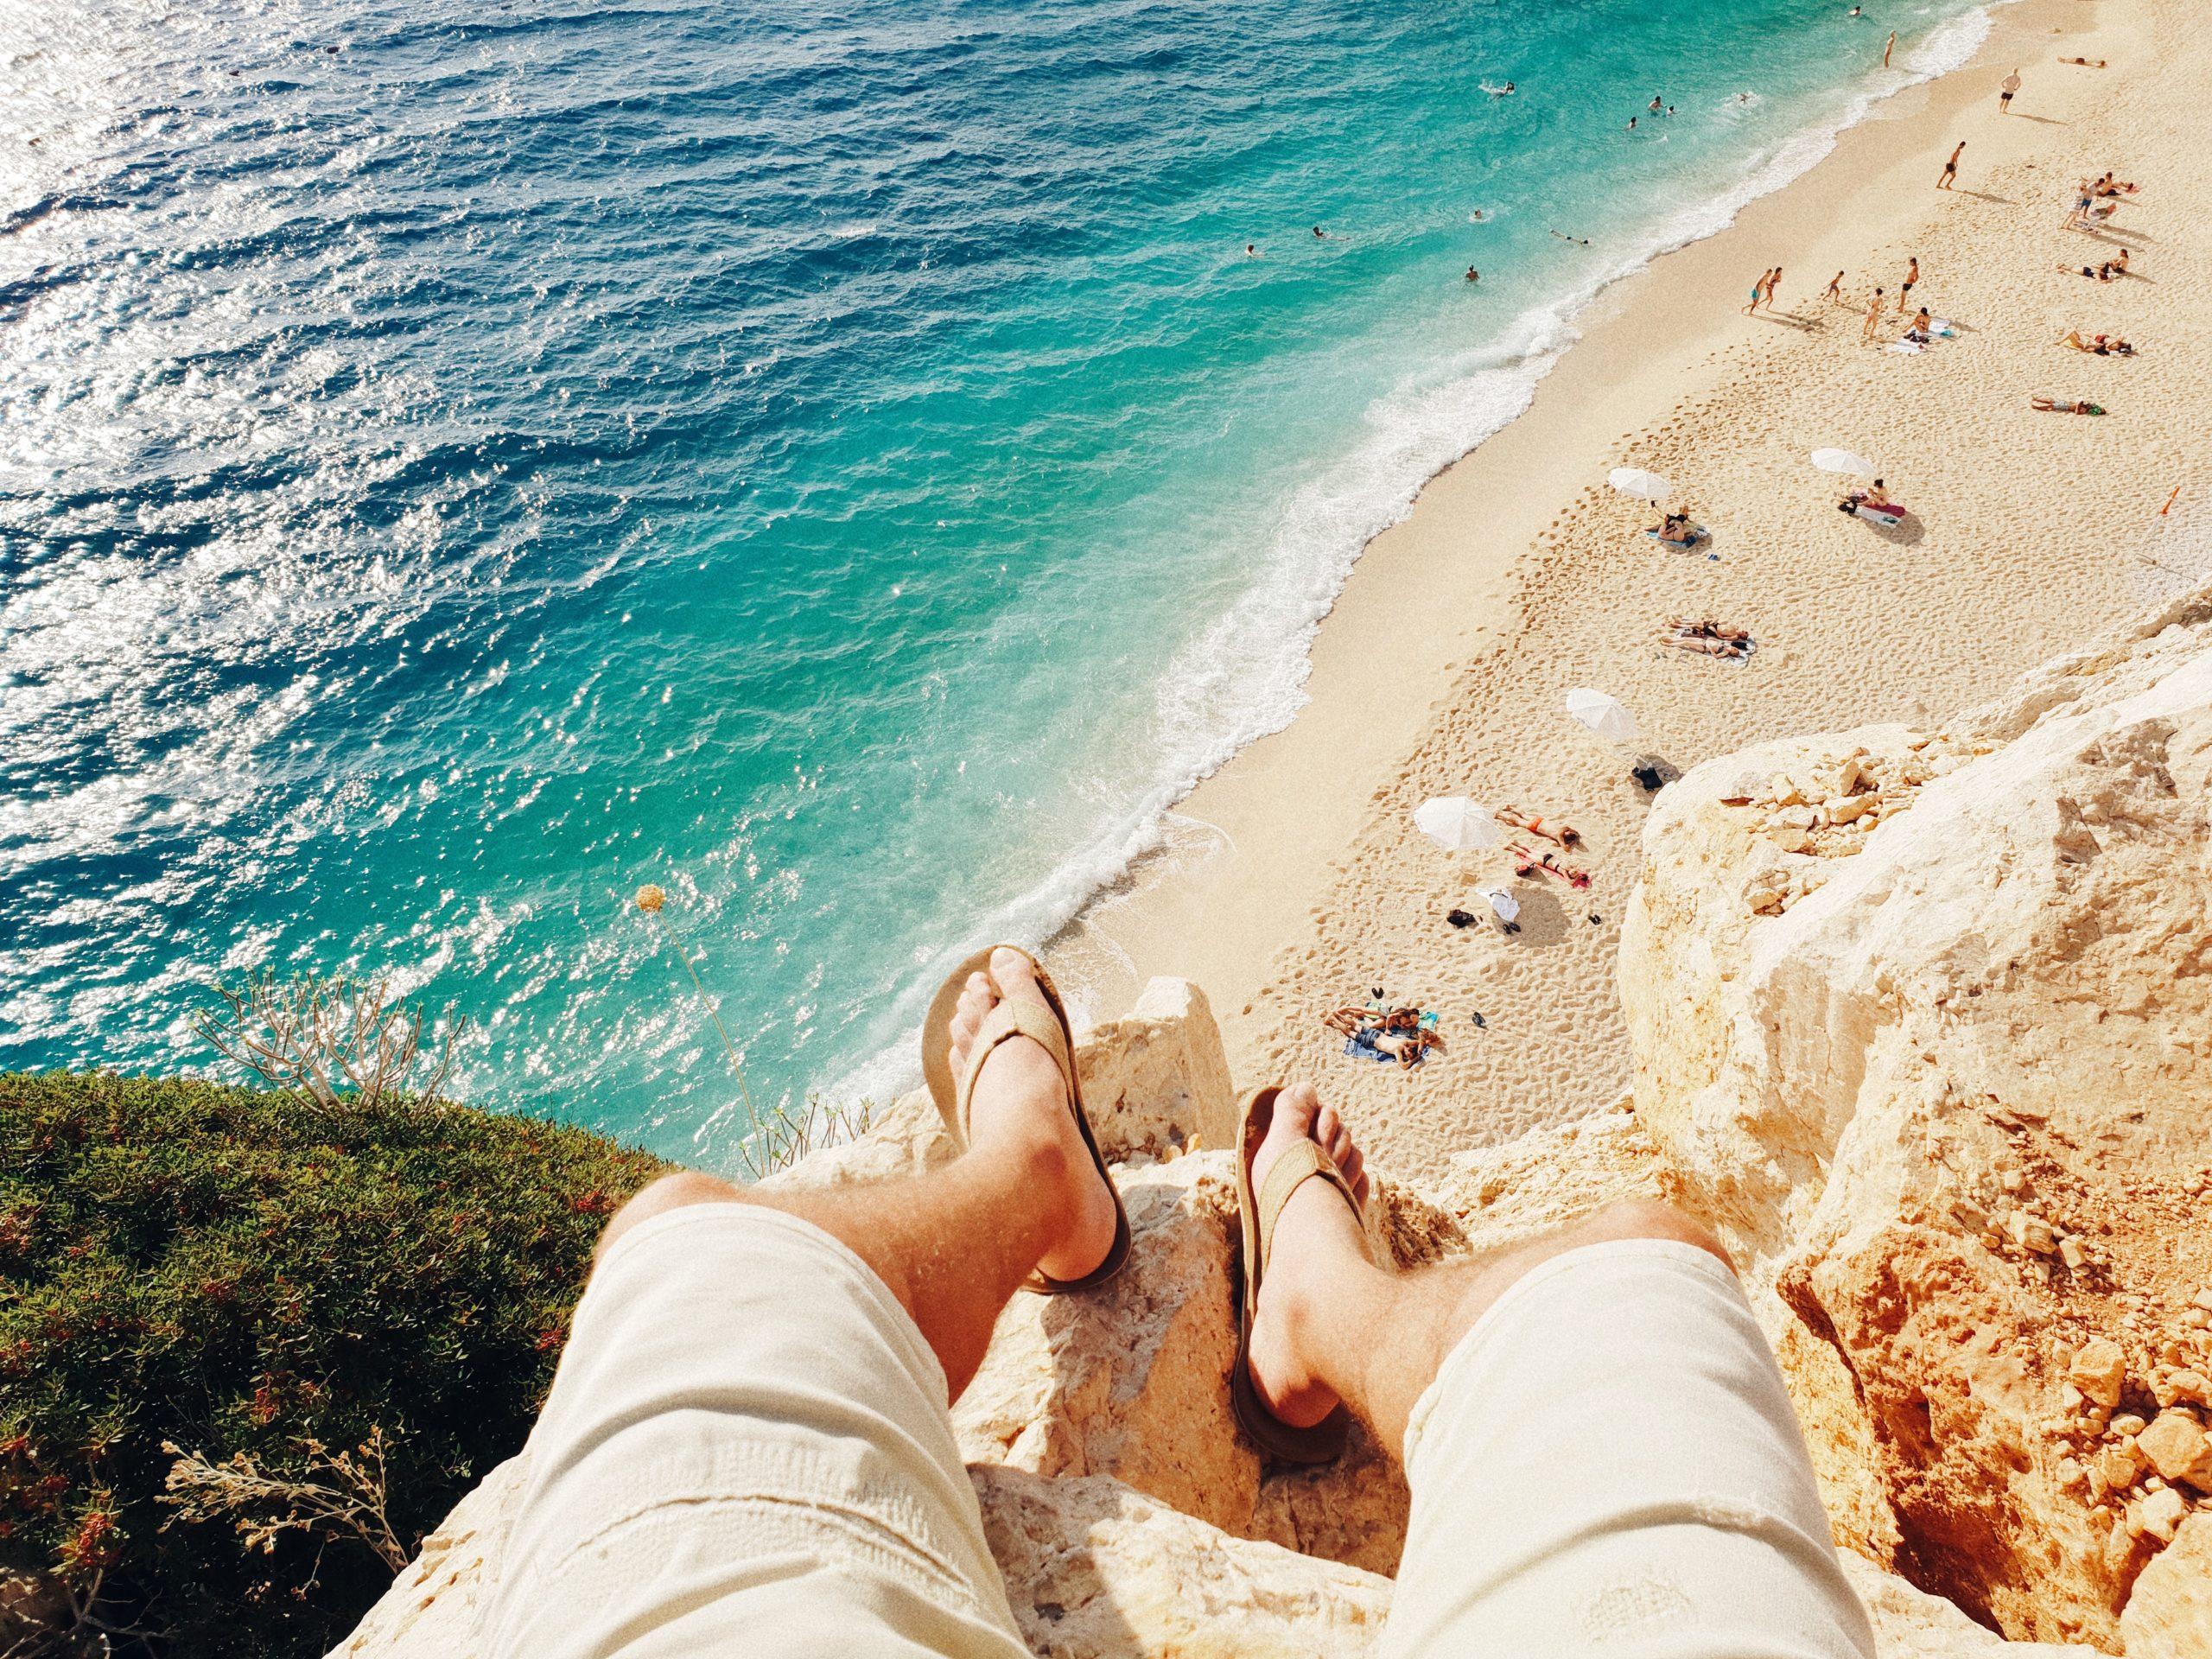 Хочу в Турцию — куда лететь и чем заняться?